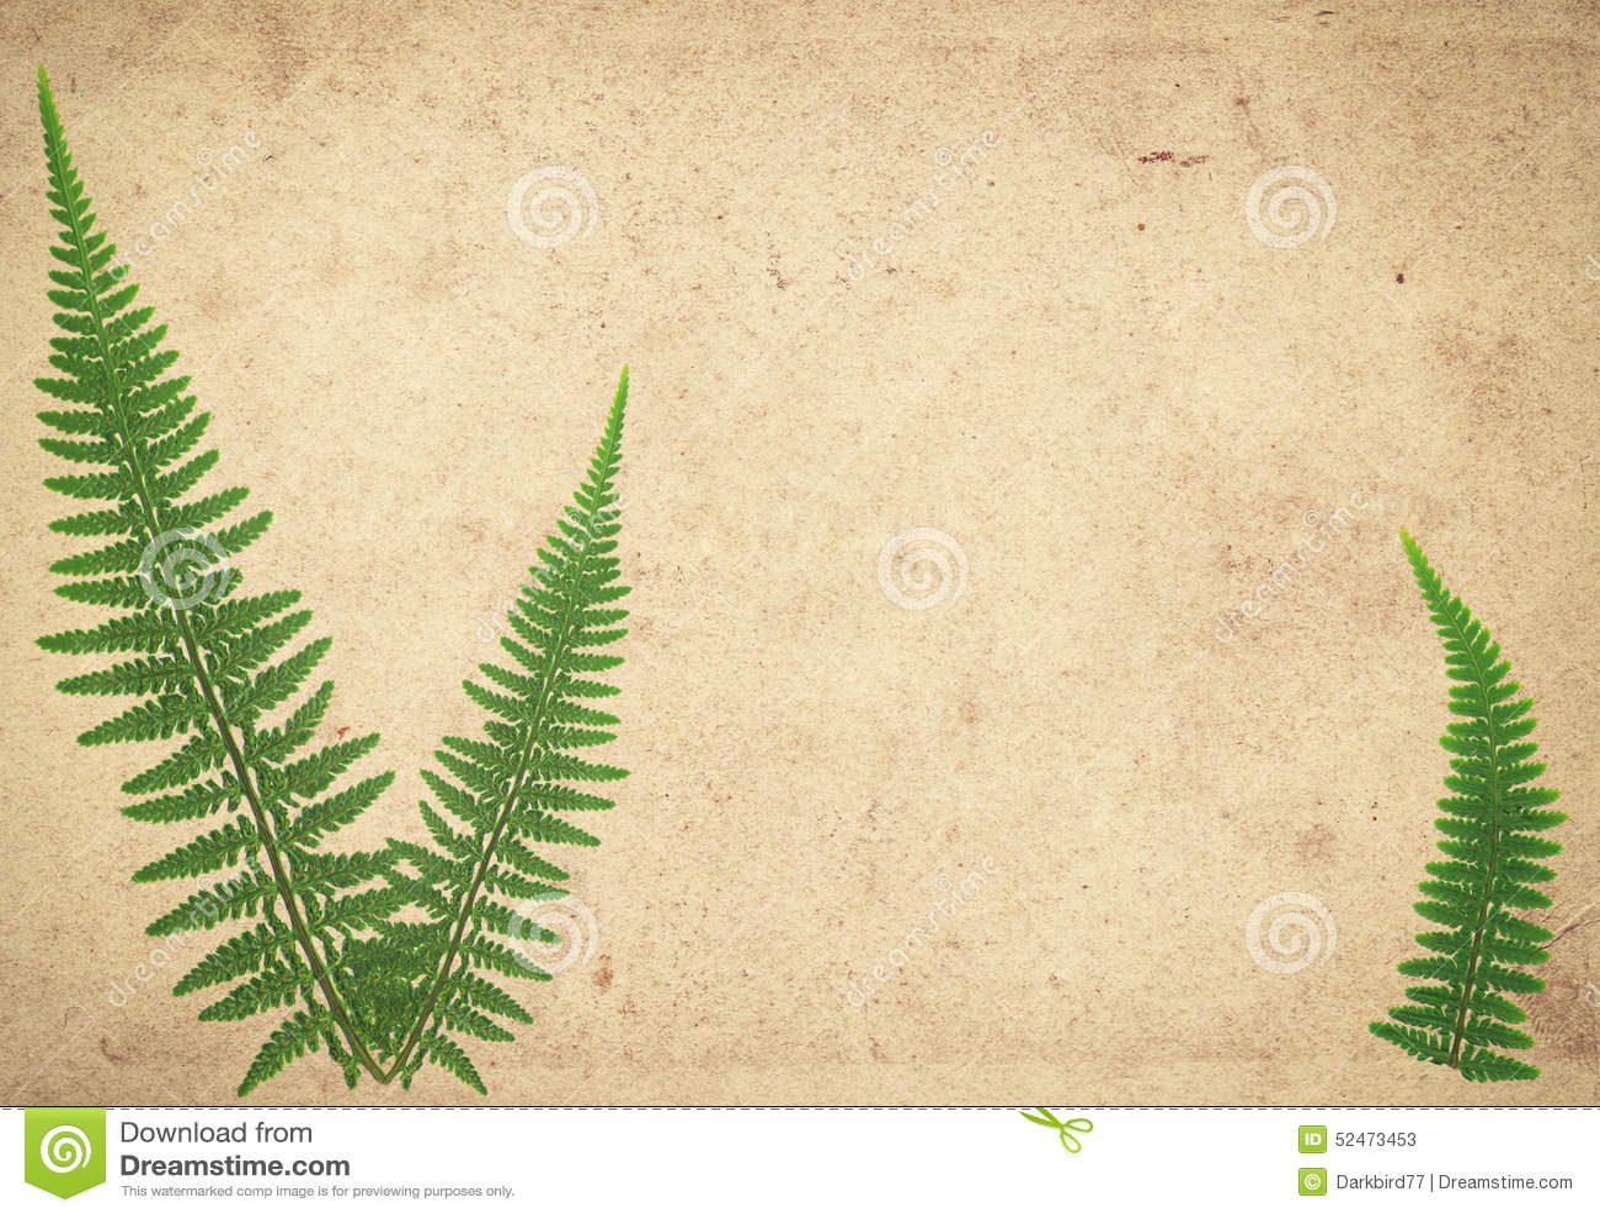 Παλαιά εκλεκτής ποιότητας σύσταση εγγράφου με τα ξηρά φύλλα φτερών